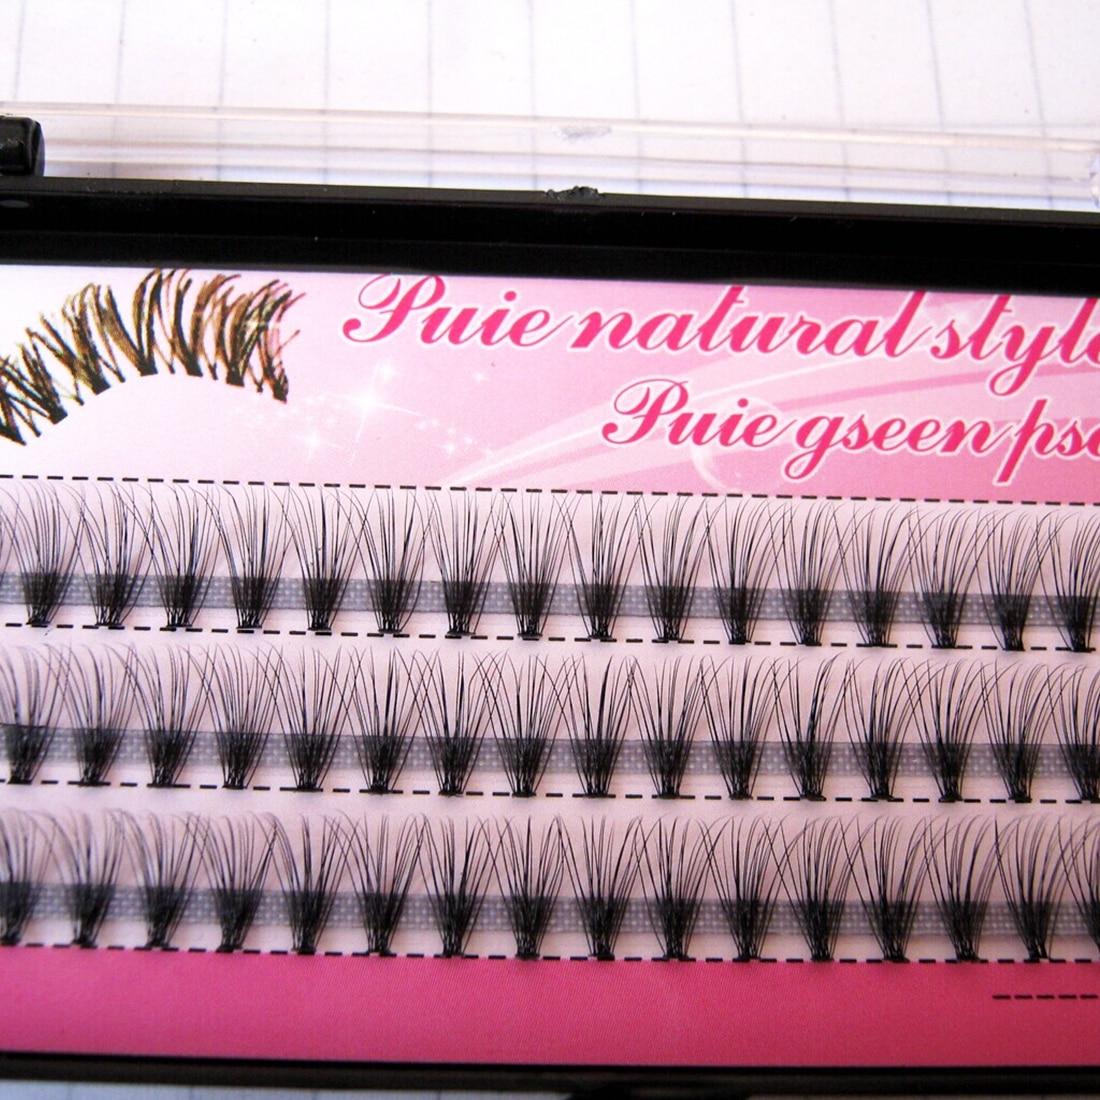 Soft Natural False Eyelashes Self-grafting Eyelashes Planting Eyelashes Professional Makeup Personal Tufting Eyelashes